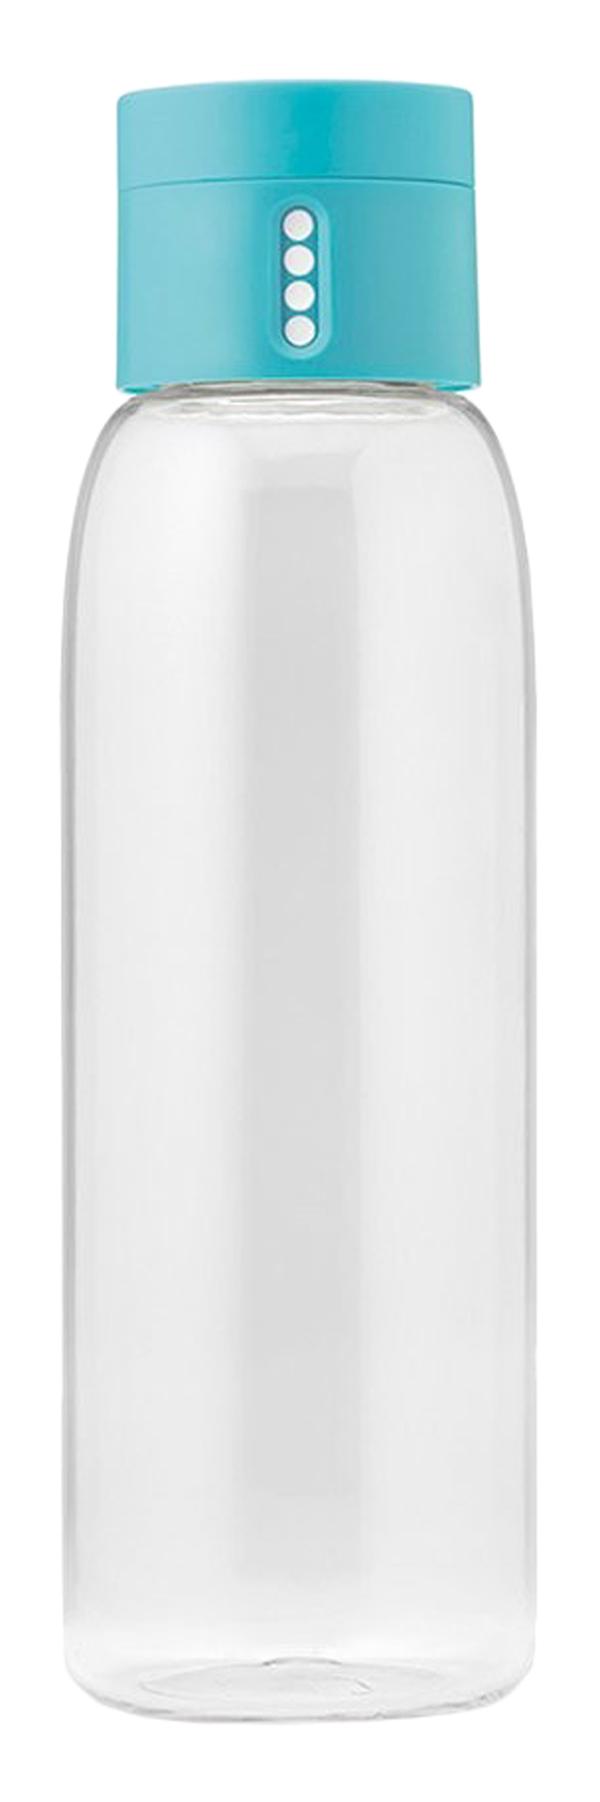 Бутылка для воды Dot (0.6 л), 23.5х7 см, голубая